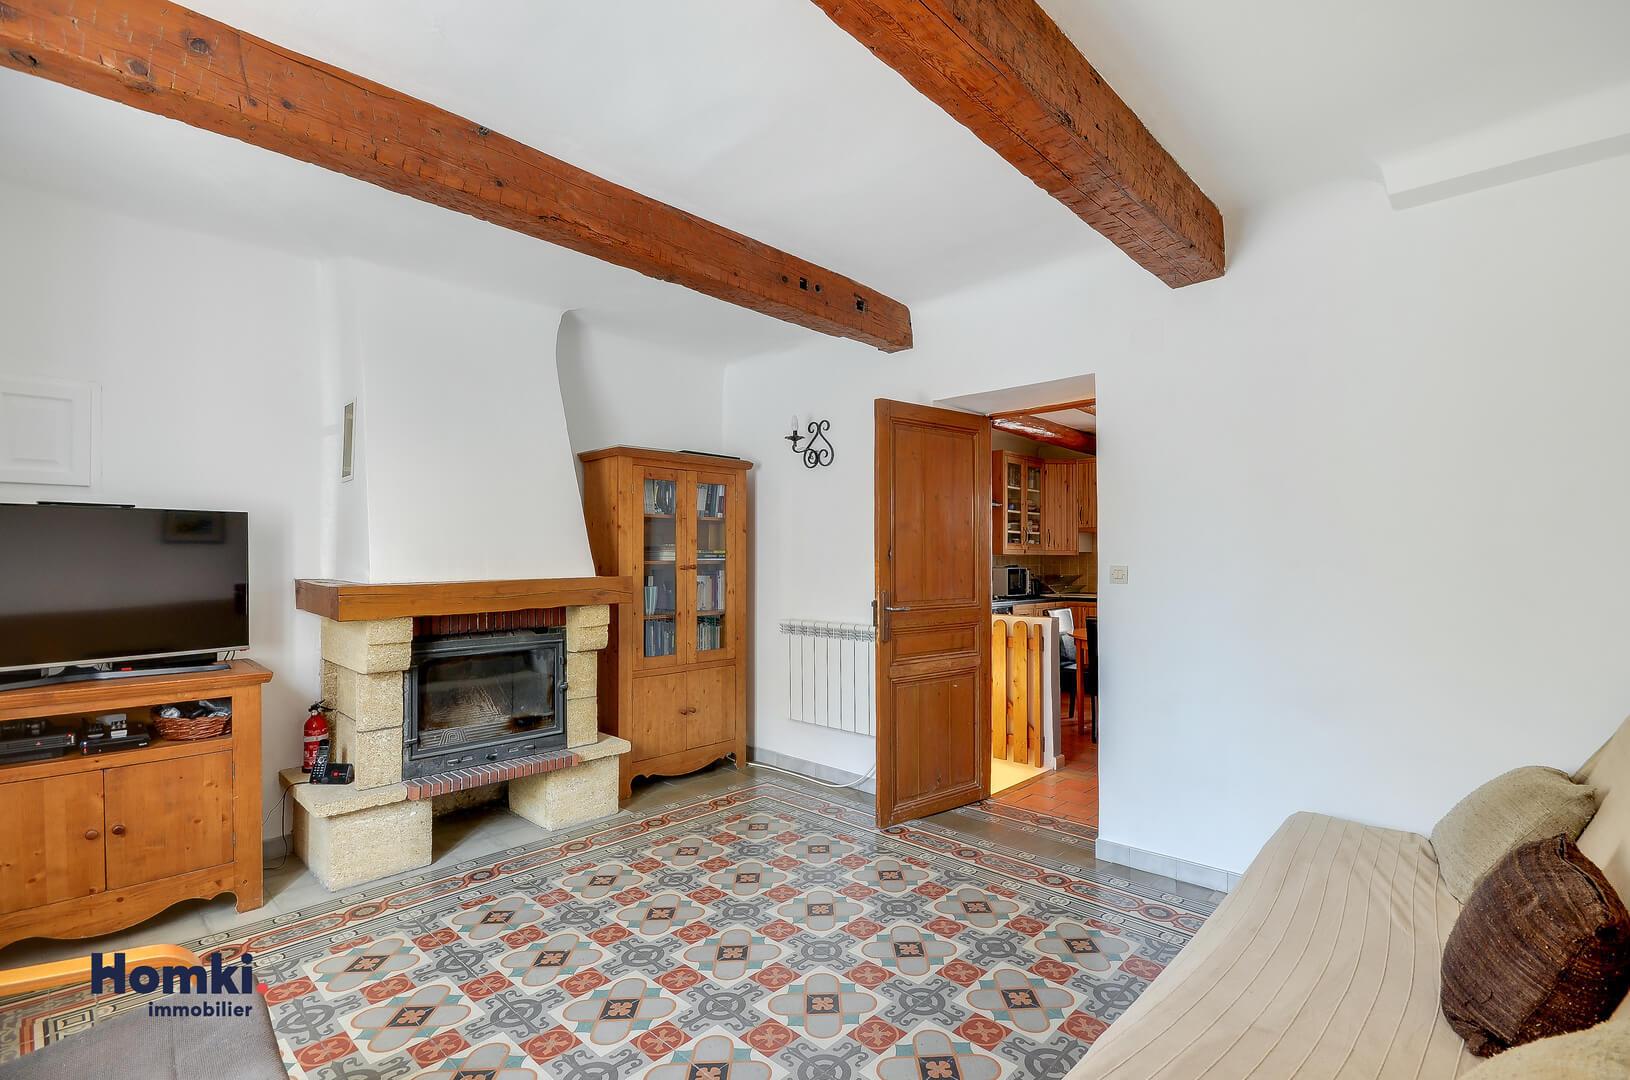 Vente Maison 70 m² T3 13290 Aix en Provence_5